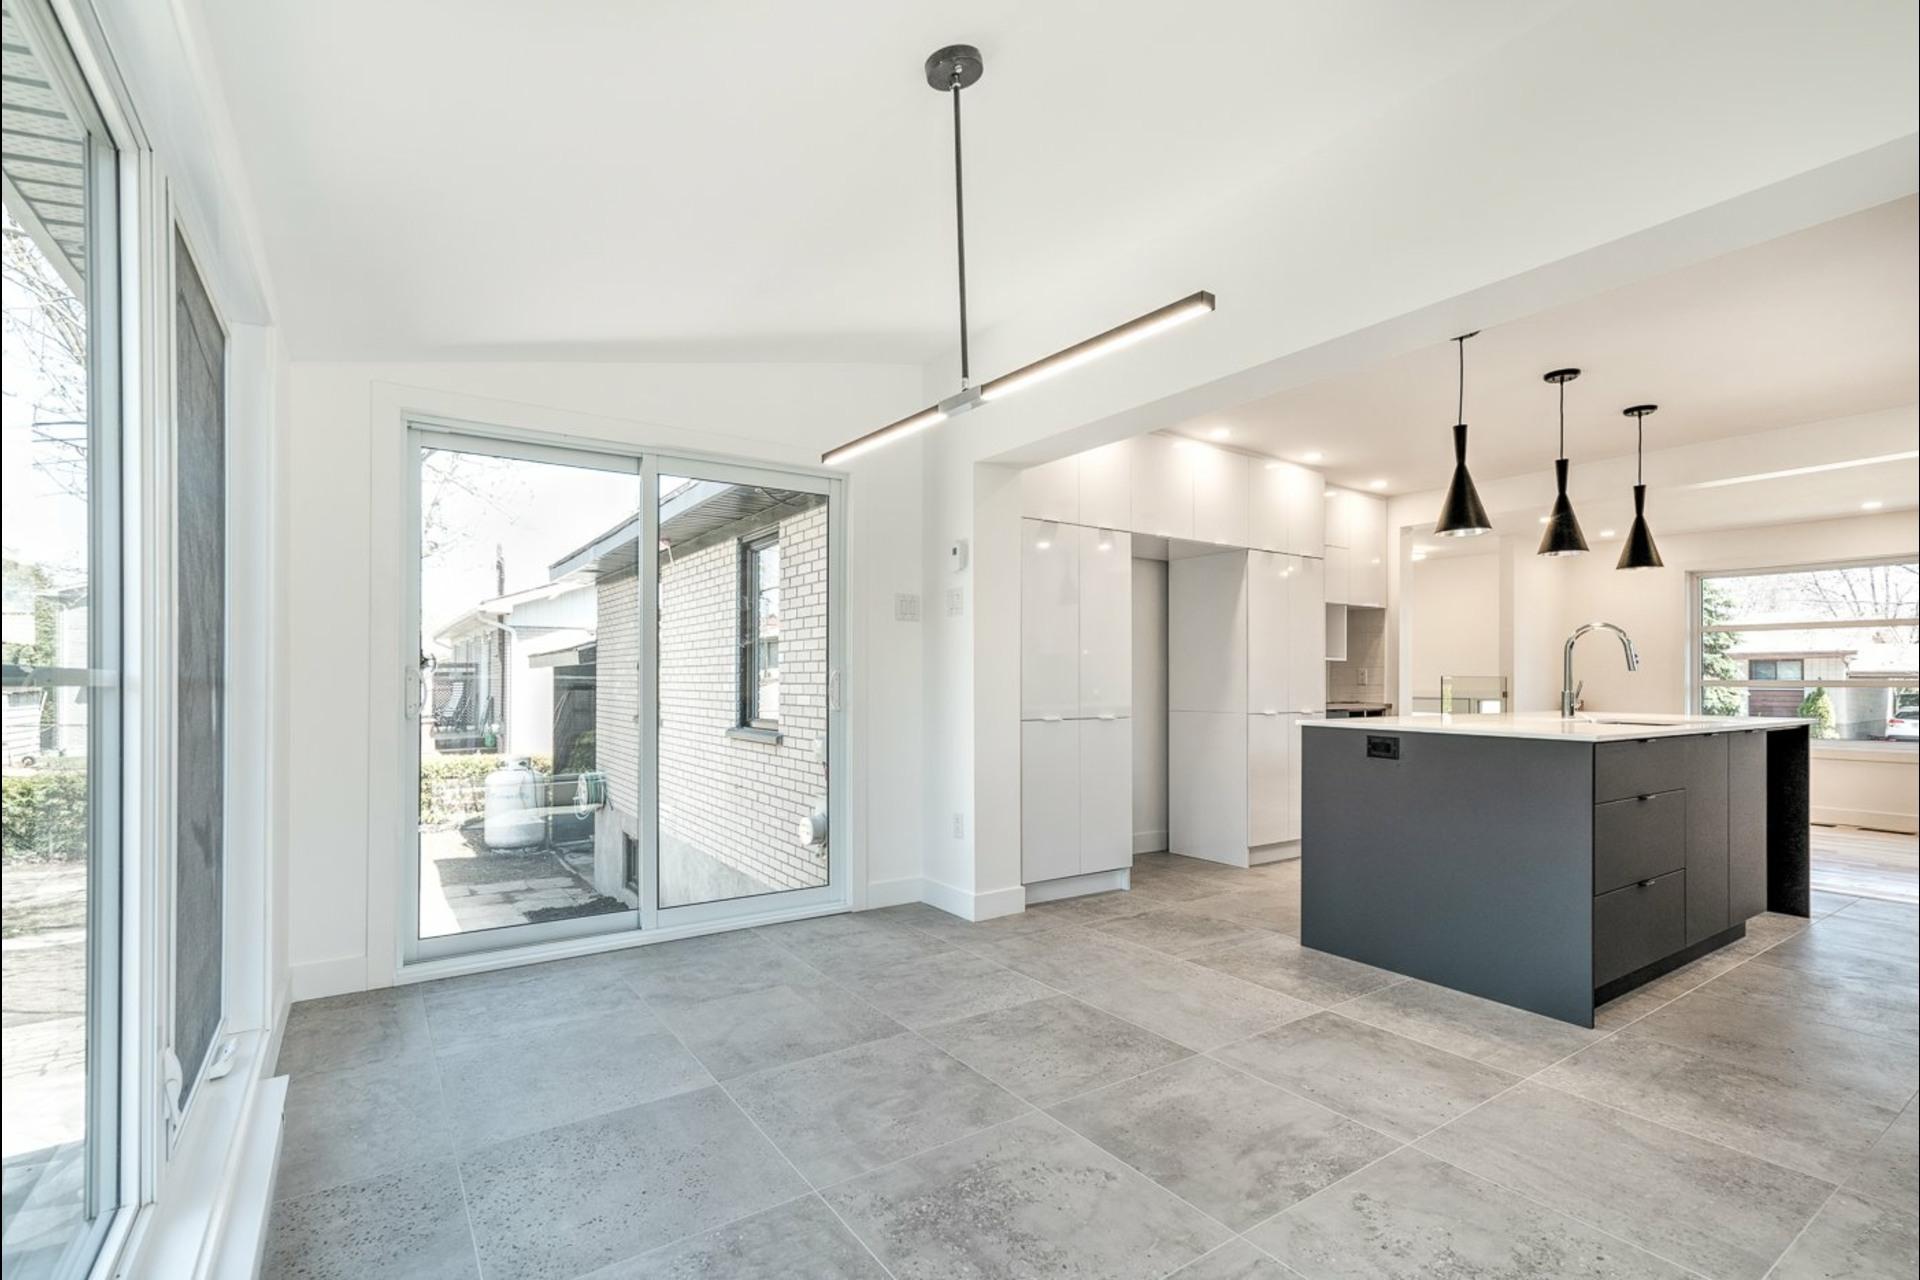 image 6 - Maison À vendre Le Vieux-Longueuil Longueuil  - 11 pièces